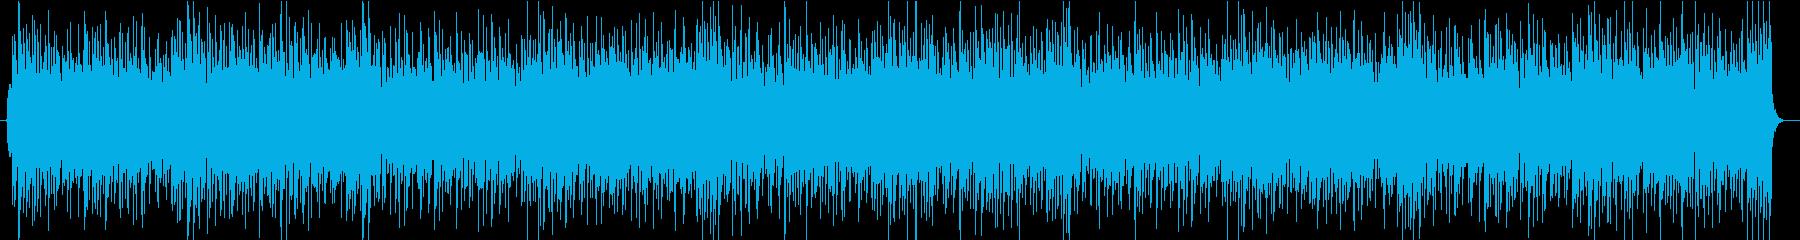 使いやすい!ポップな和風BGMの再生済みの波形